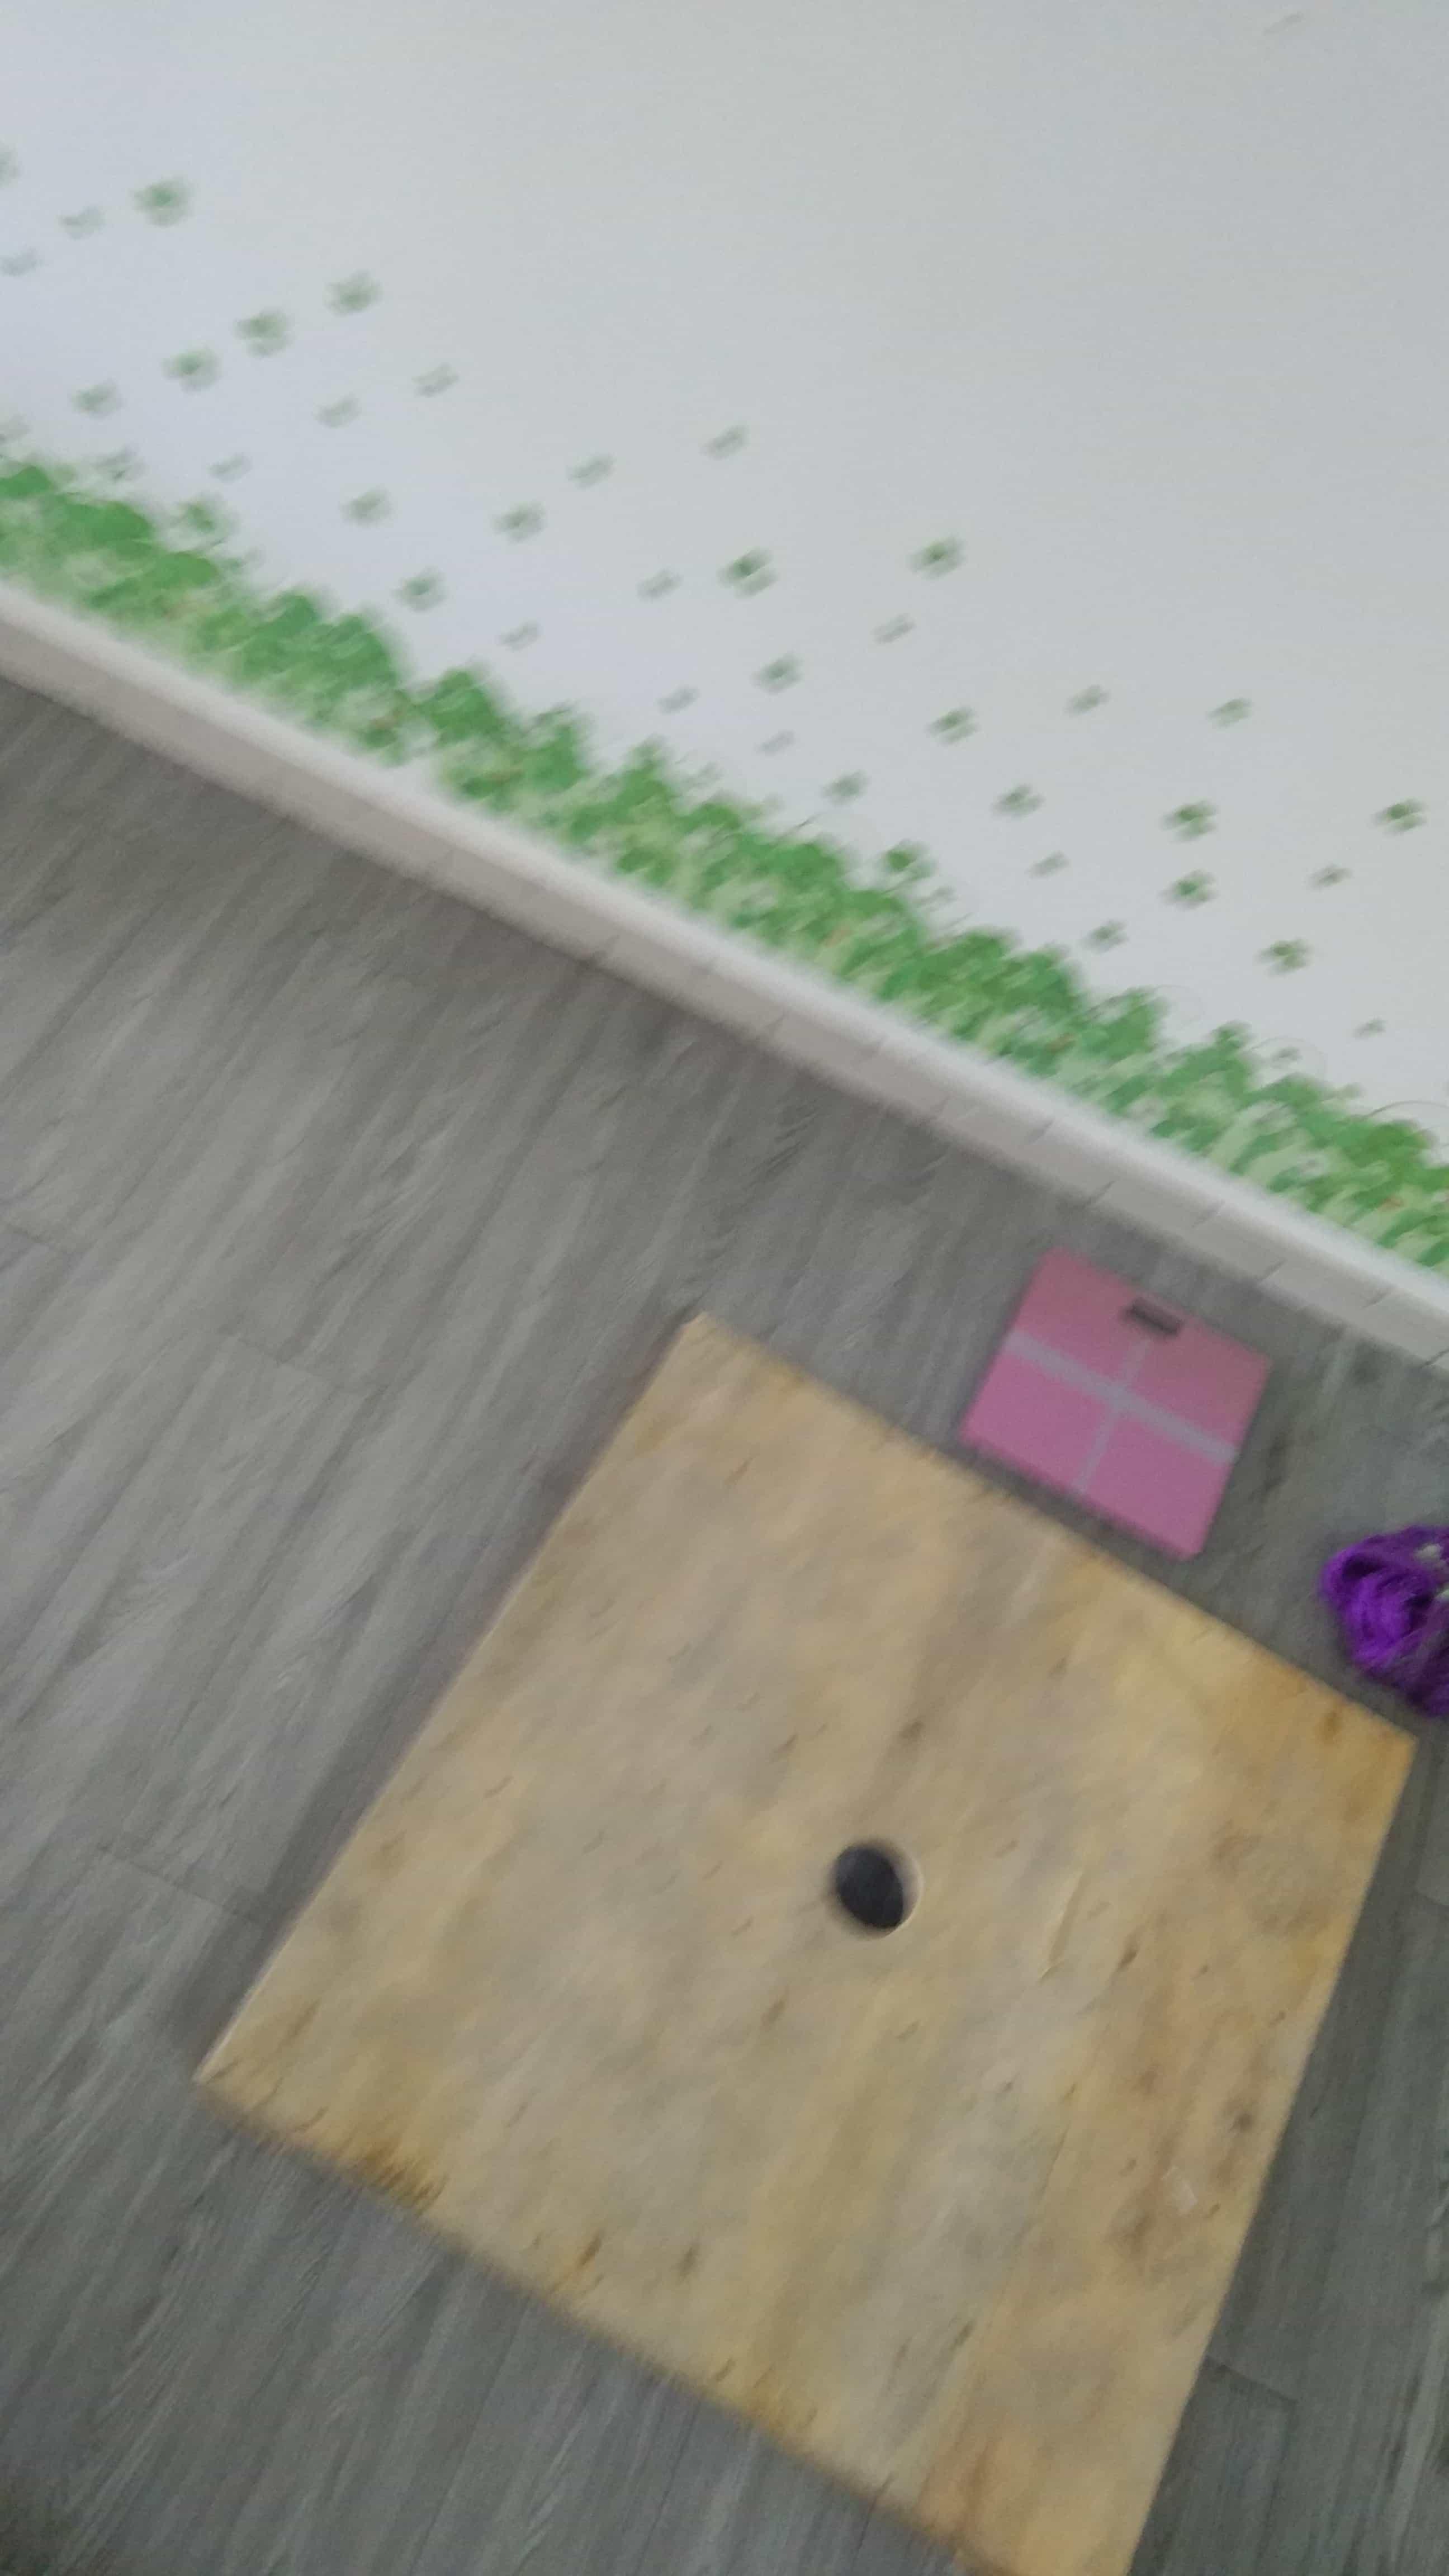 杭州托盘木板生产厂家提供托盘木板设计图解、托盘木板